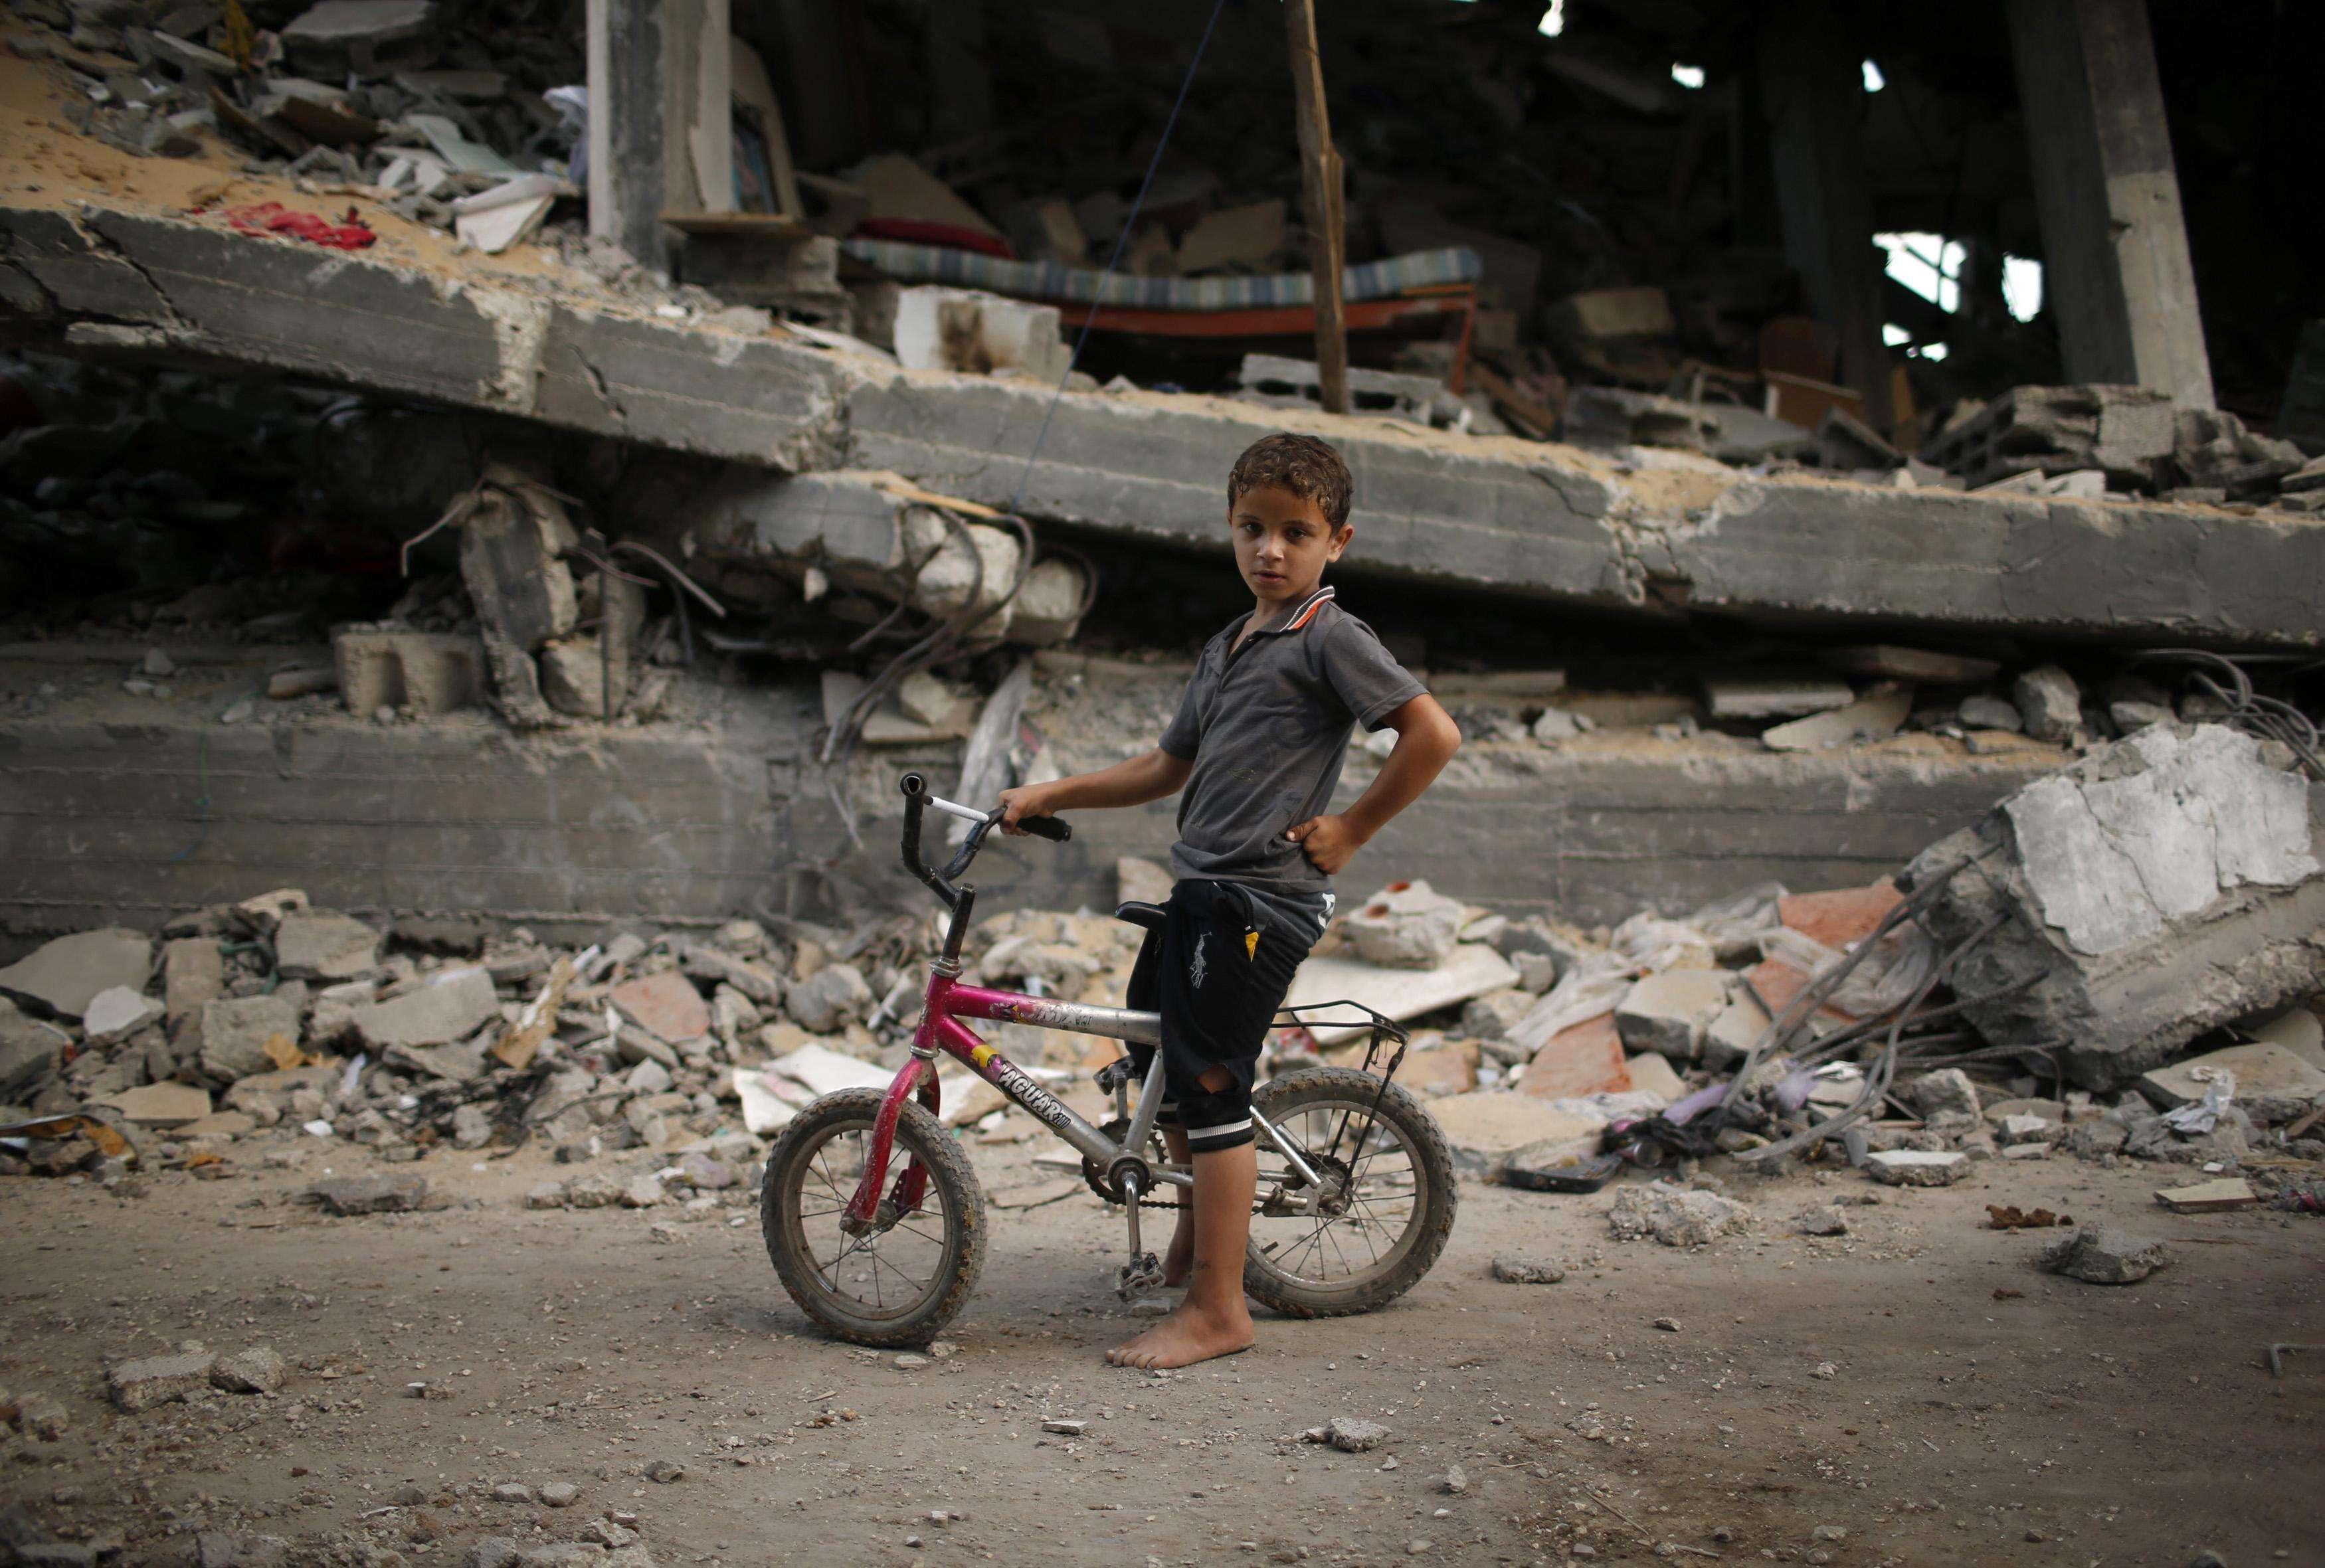 Criança palestina anda de bicicleta em meio aos escombros deixados pelo conflito na Faixa de Gaza Foto: Mohammed Salem /Reuters